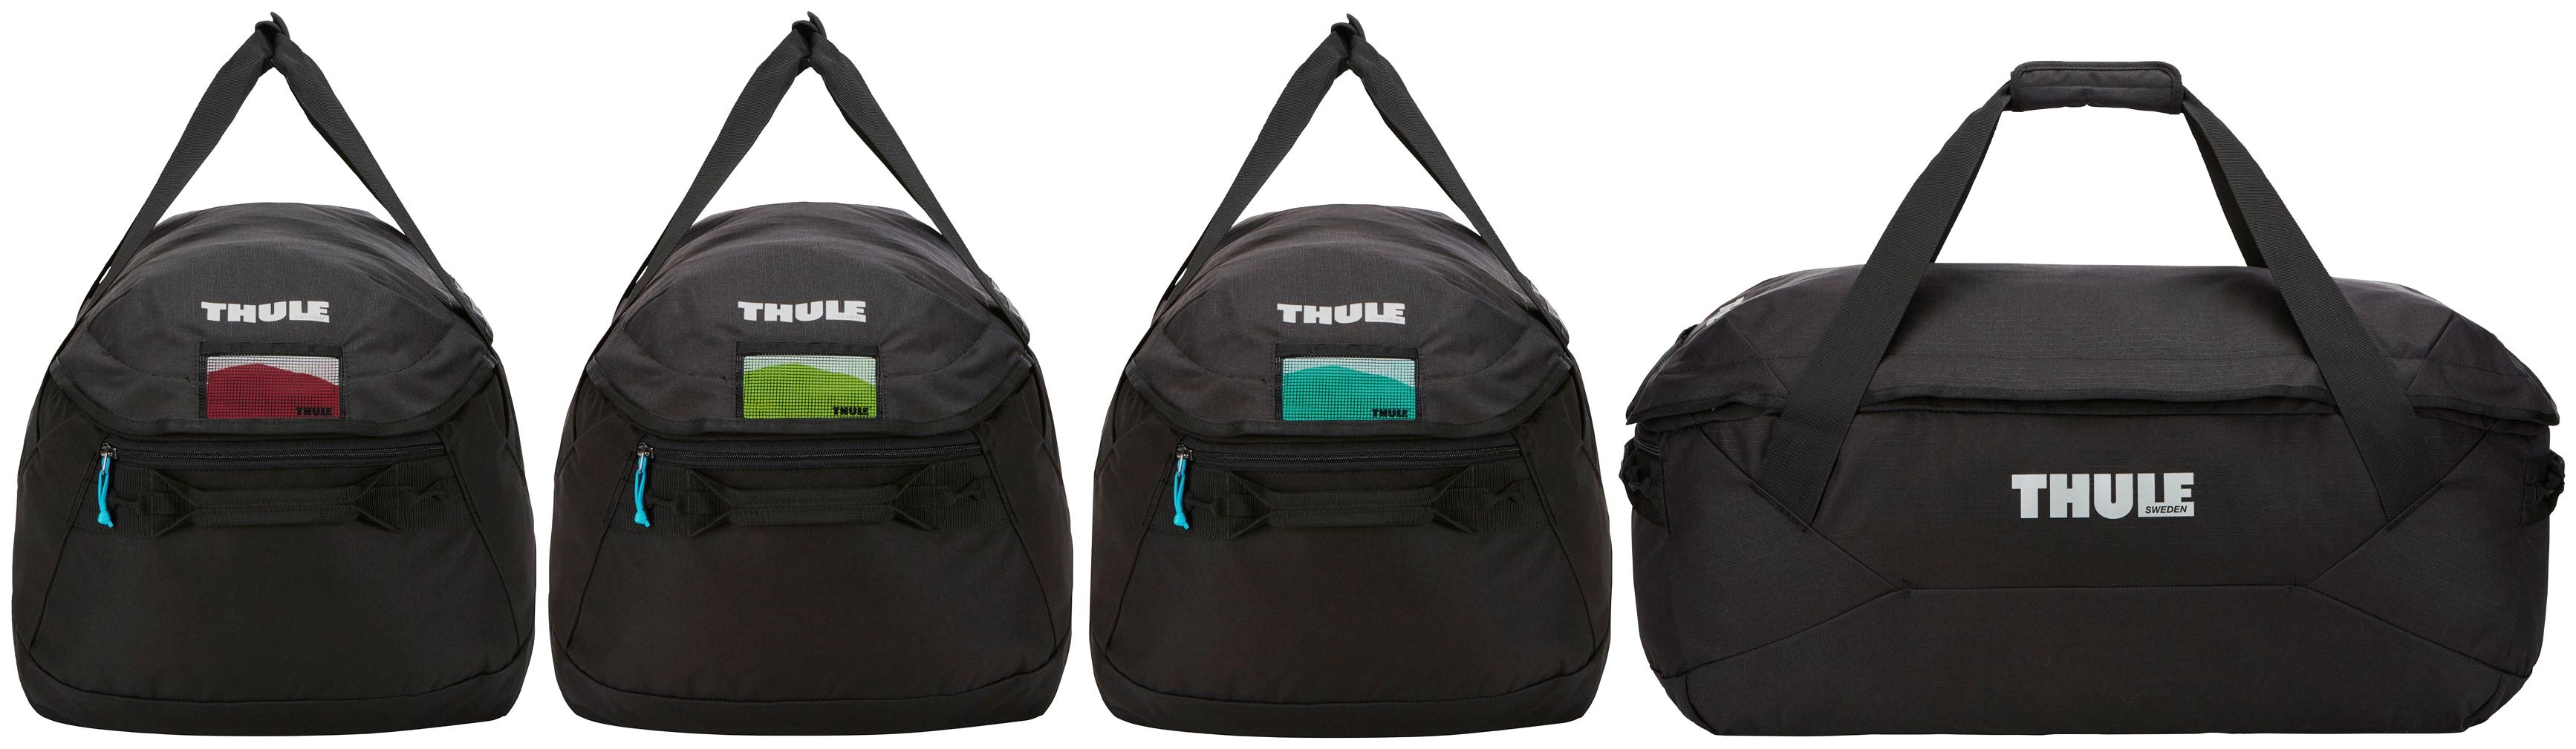 Thule Aufbewahrungstasche GoPack Set schwarz Auto-Aufbewahrung Autozubehör Reifen Taschen